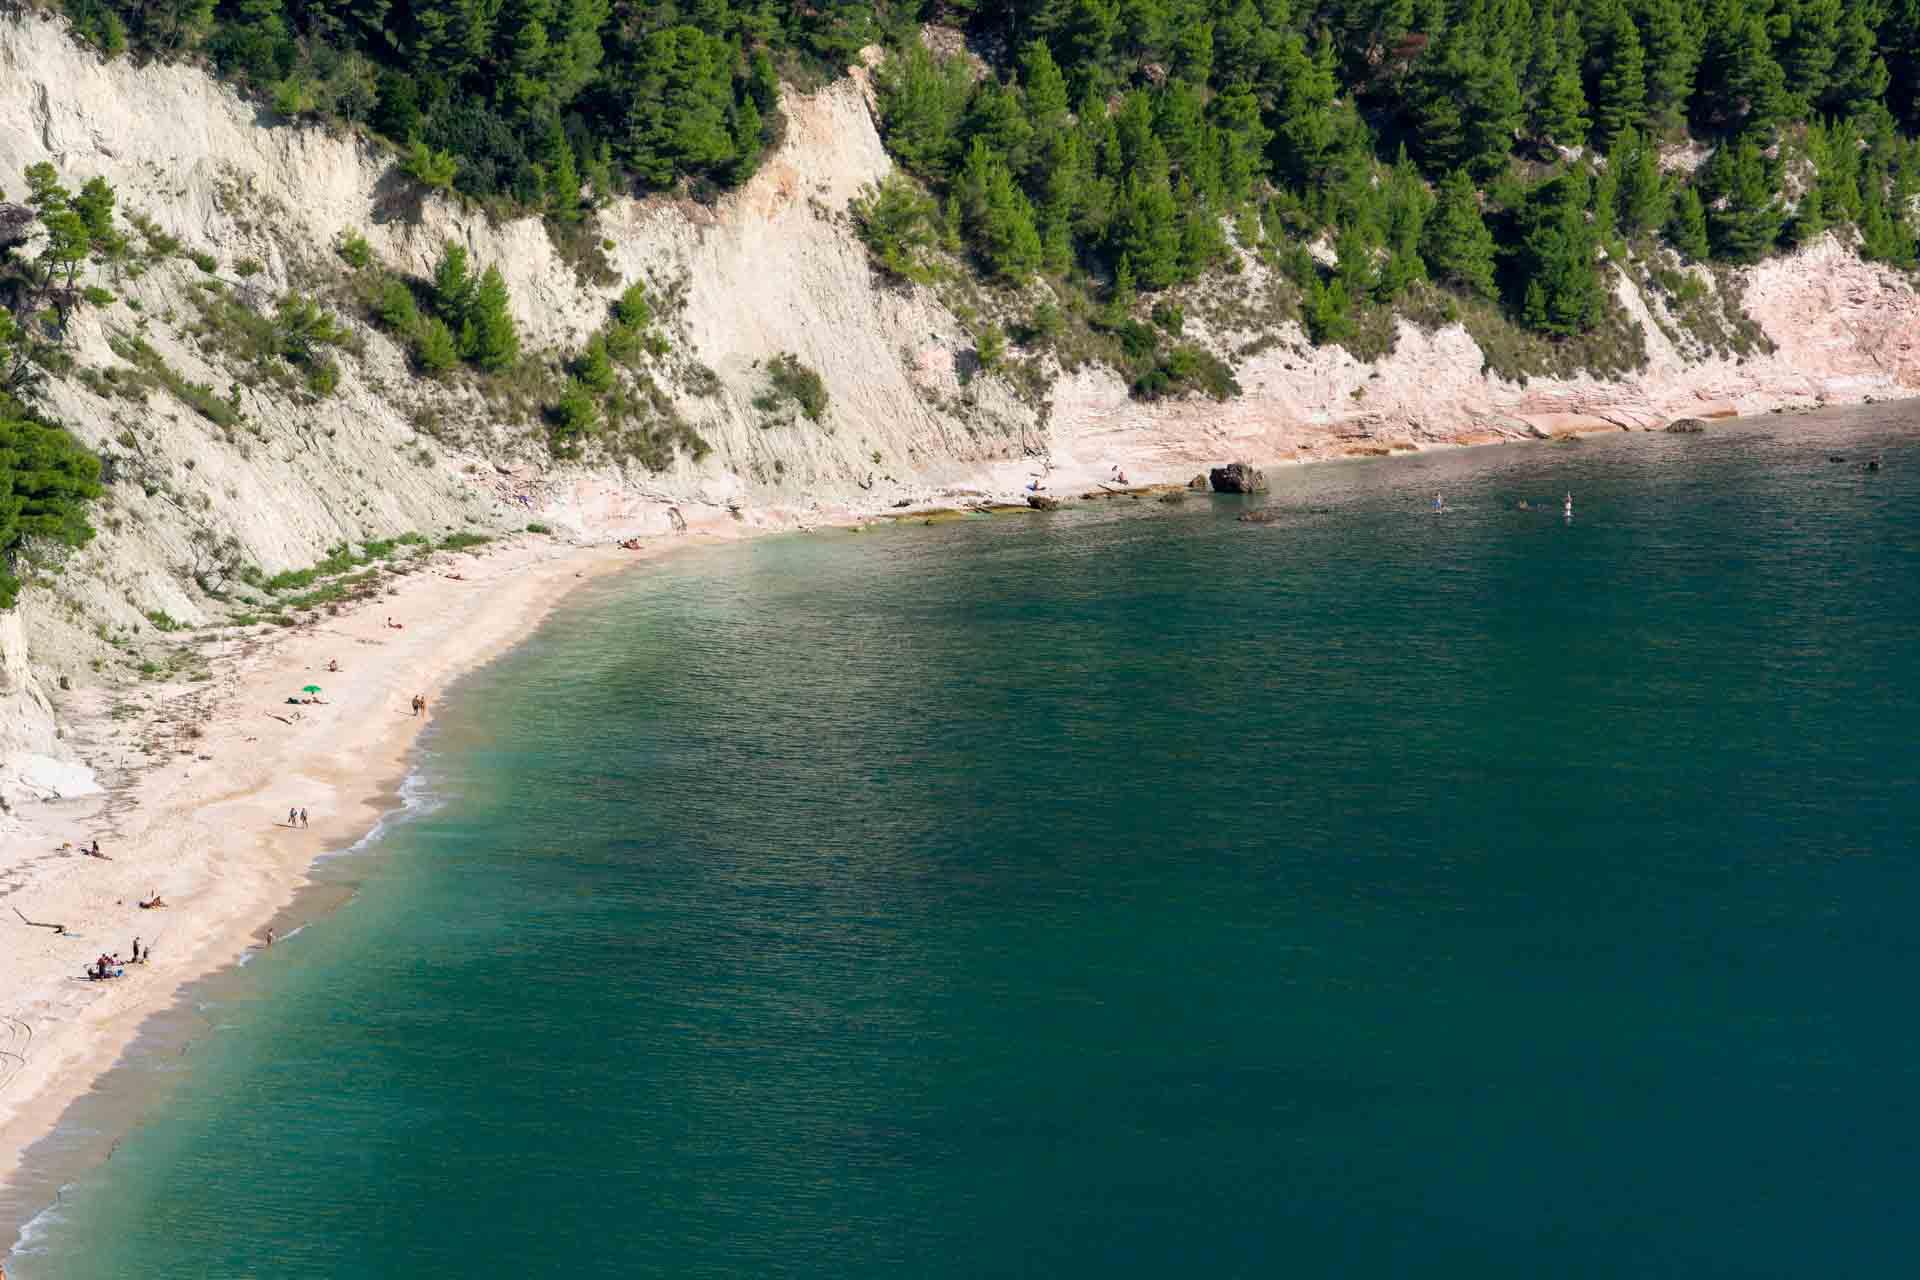 Spiaggia Sassi Neri 3 © Sauro Strappato